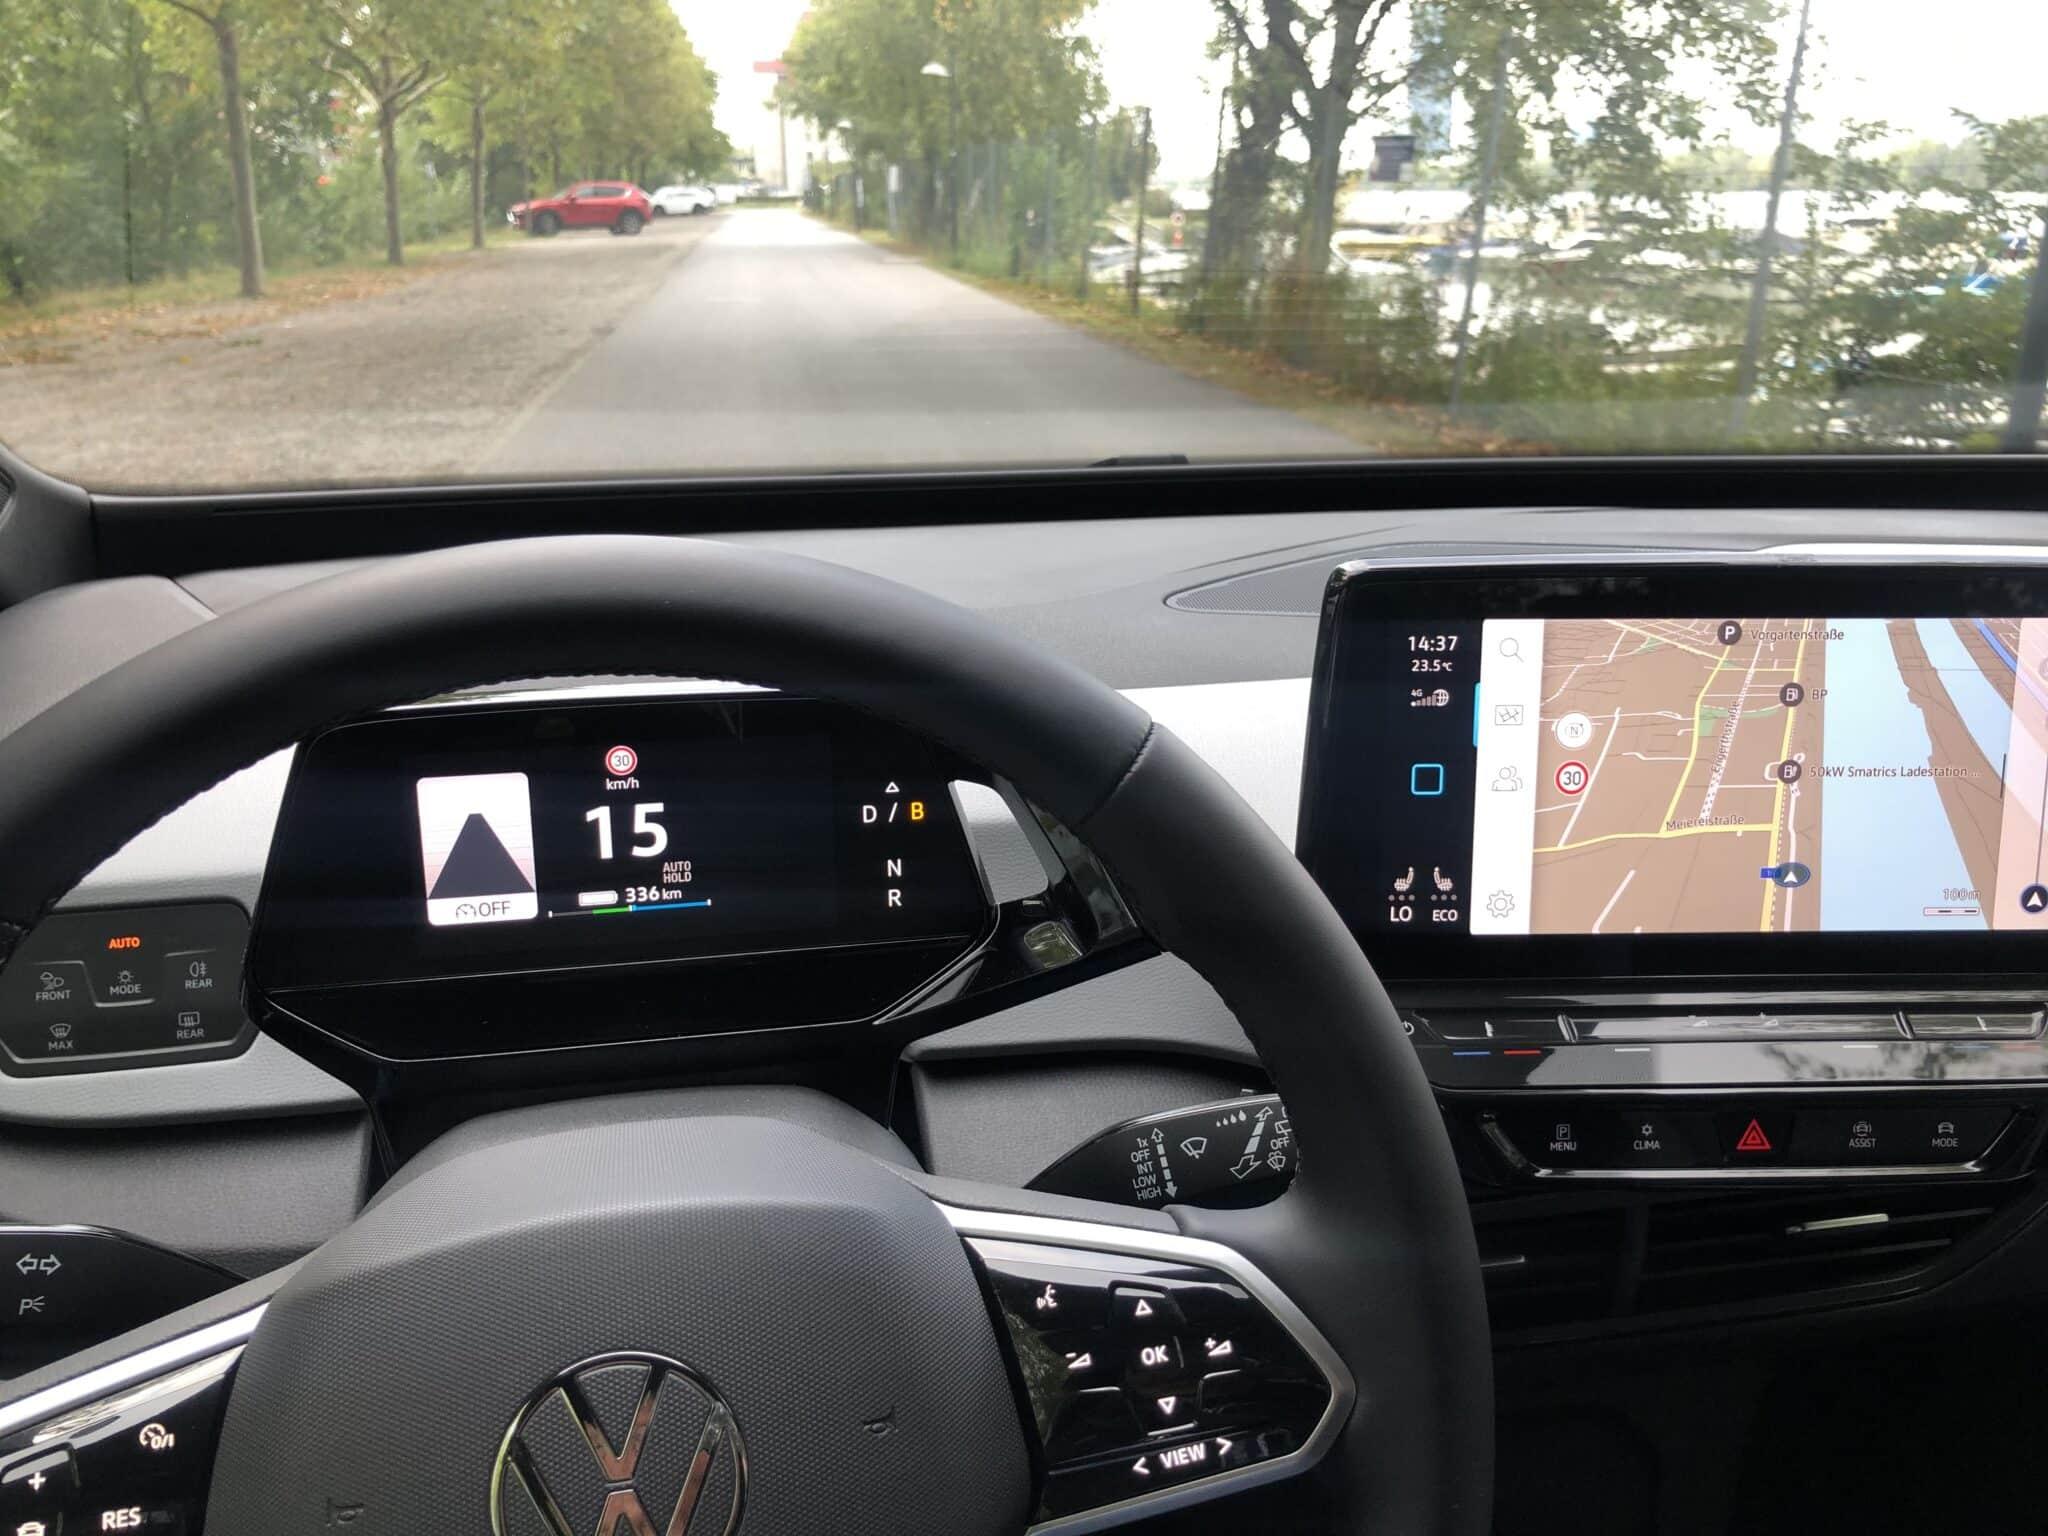 EMC Probefahrt des VW ID.3 » EMC VW ID.3 Probefahrt 4 min scaled